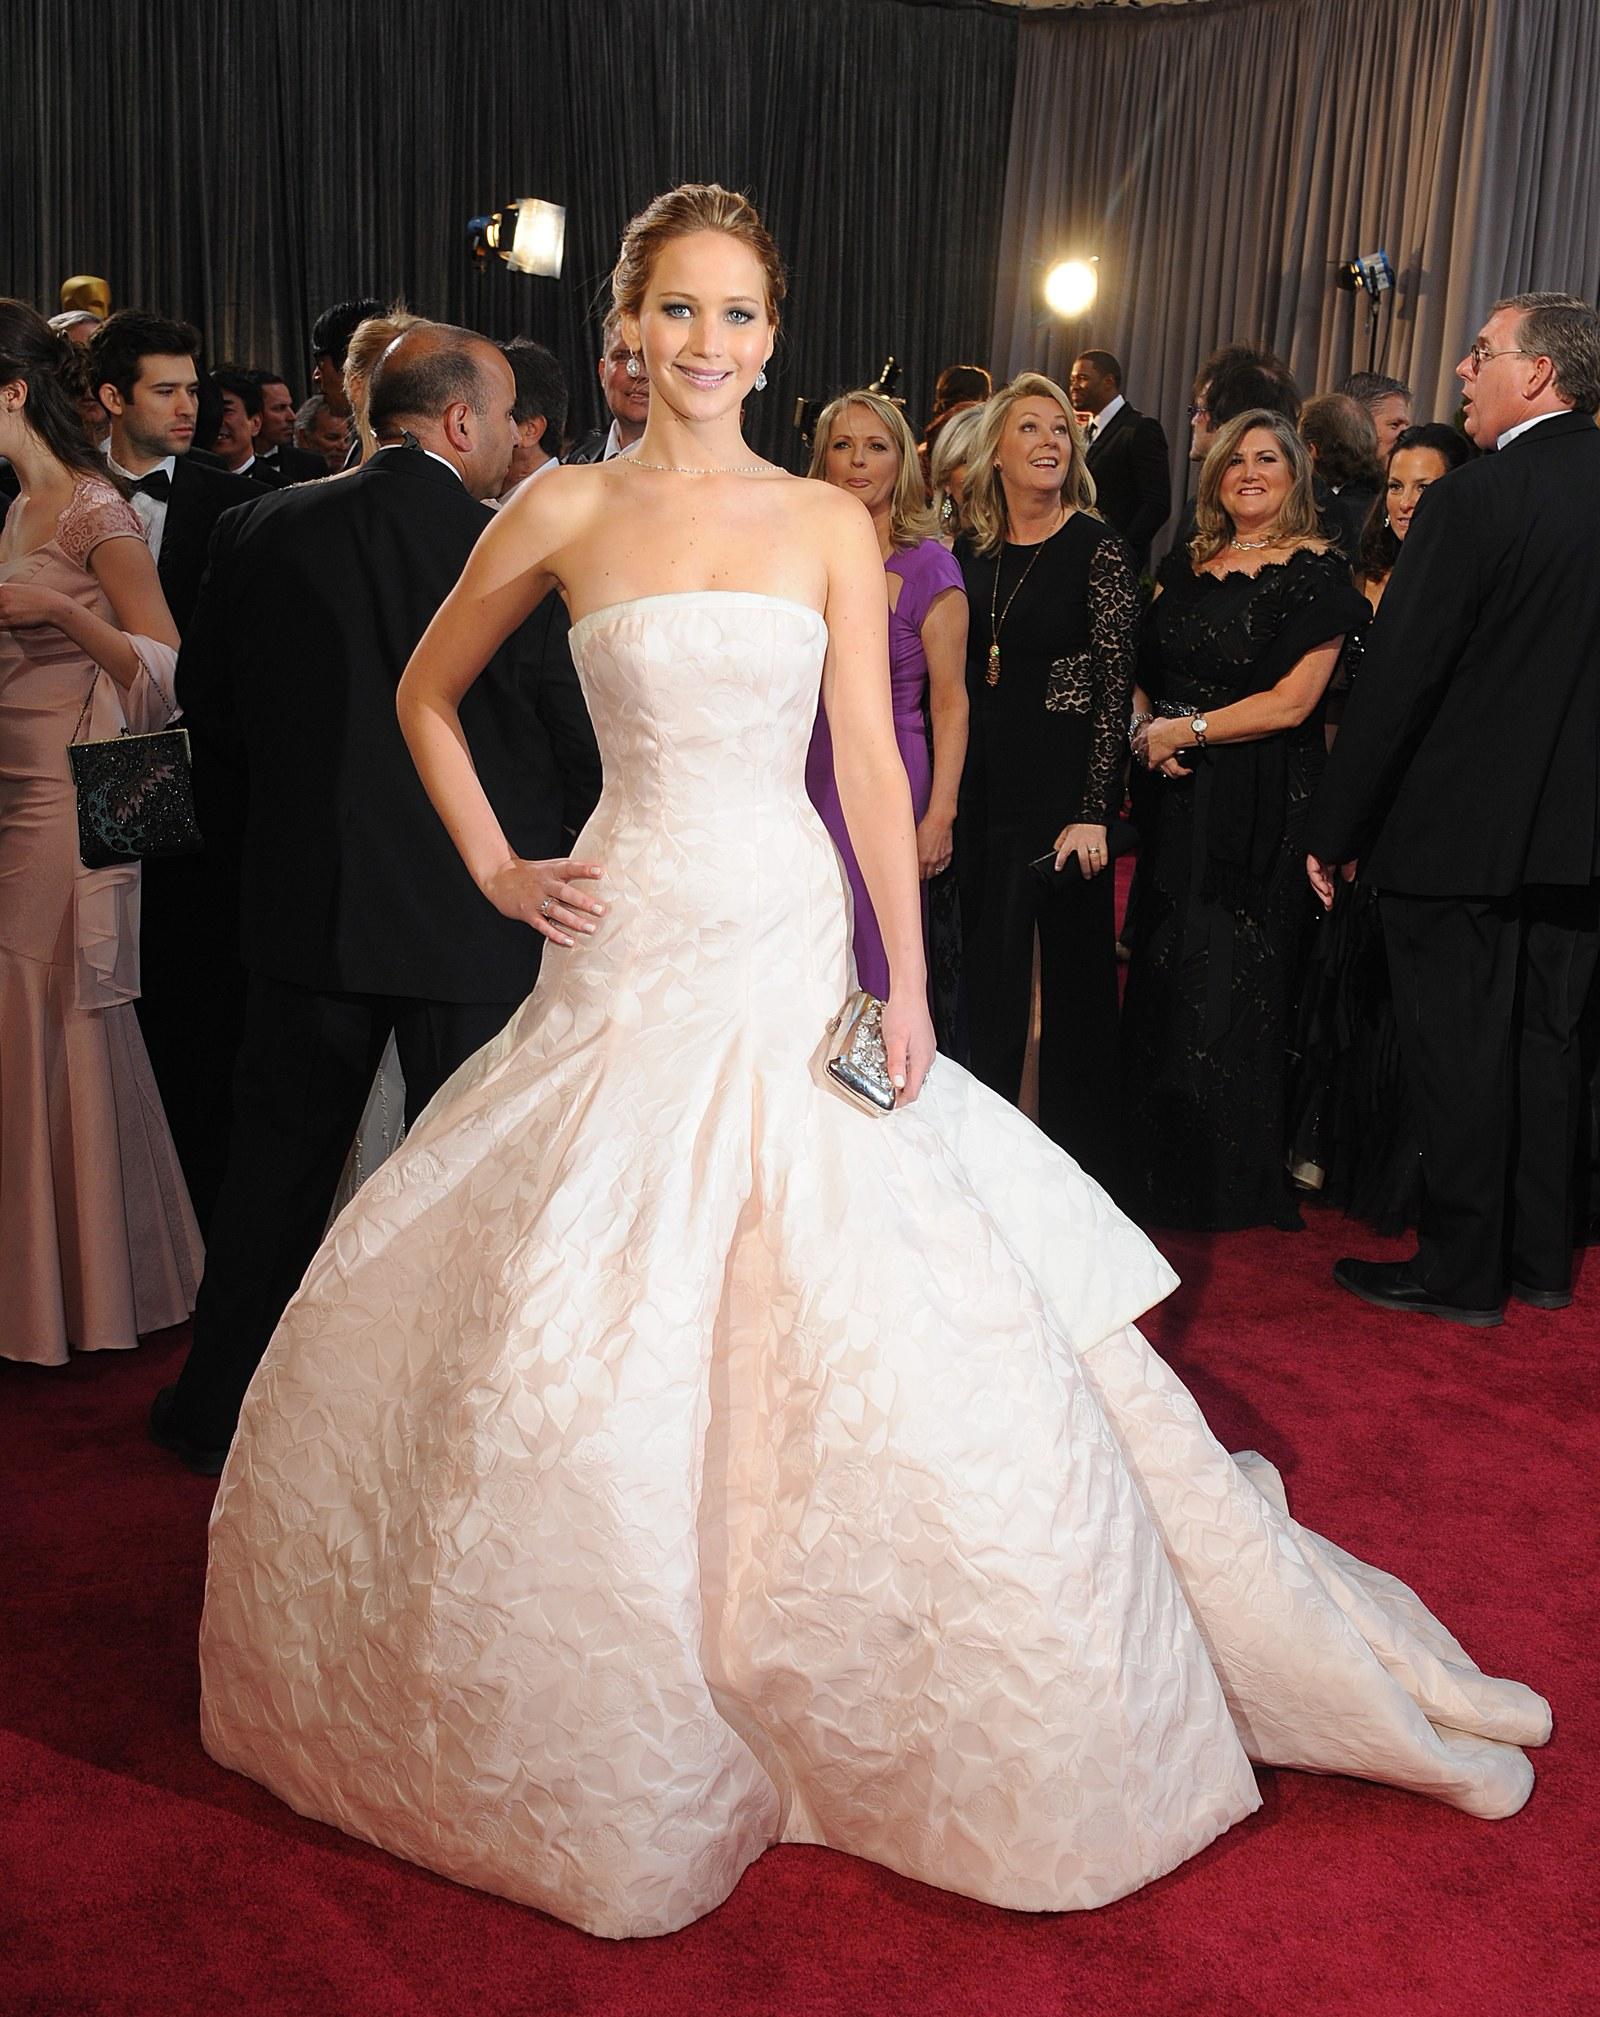 Jennifer Lawrence, 2013 Giành được giải Nữ diễn viên xuất sắc nhất cho Silver Linings Playbook năm 2013, Jennifer Lawrence đã chọn một chiếc váy Dior quây của Raf Simons cho dịp này. Chuyến tàu đầy đủ, đồ sộ của nó không thể phủ nhận được sự choáng váng trên bậc thang lặp đi lặp lại nhưng sau đó cô leo lên cầu thang để nhận giải Oscar trong buổi lễ, nó khiến cô vấp ngã và dẫn đến cảm giác siêu vi.